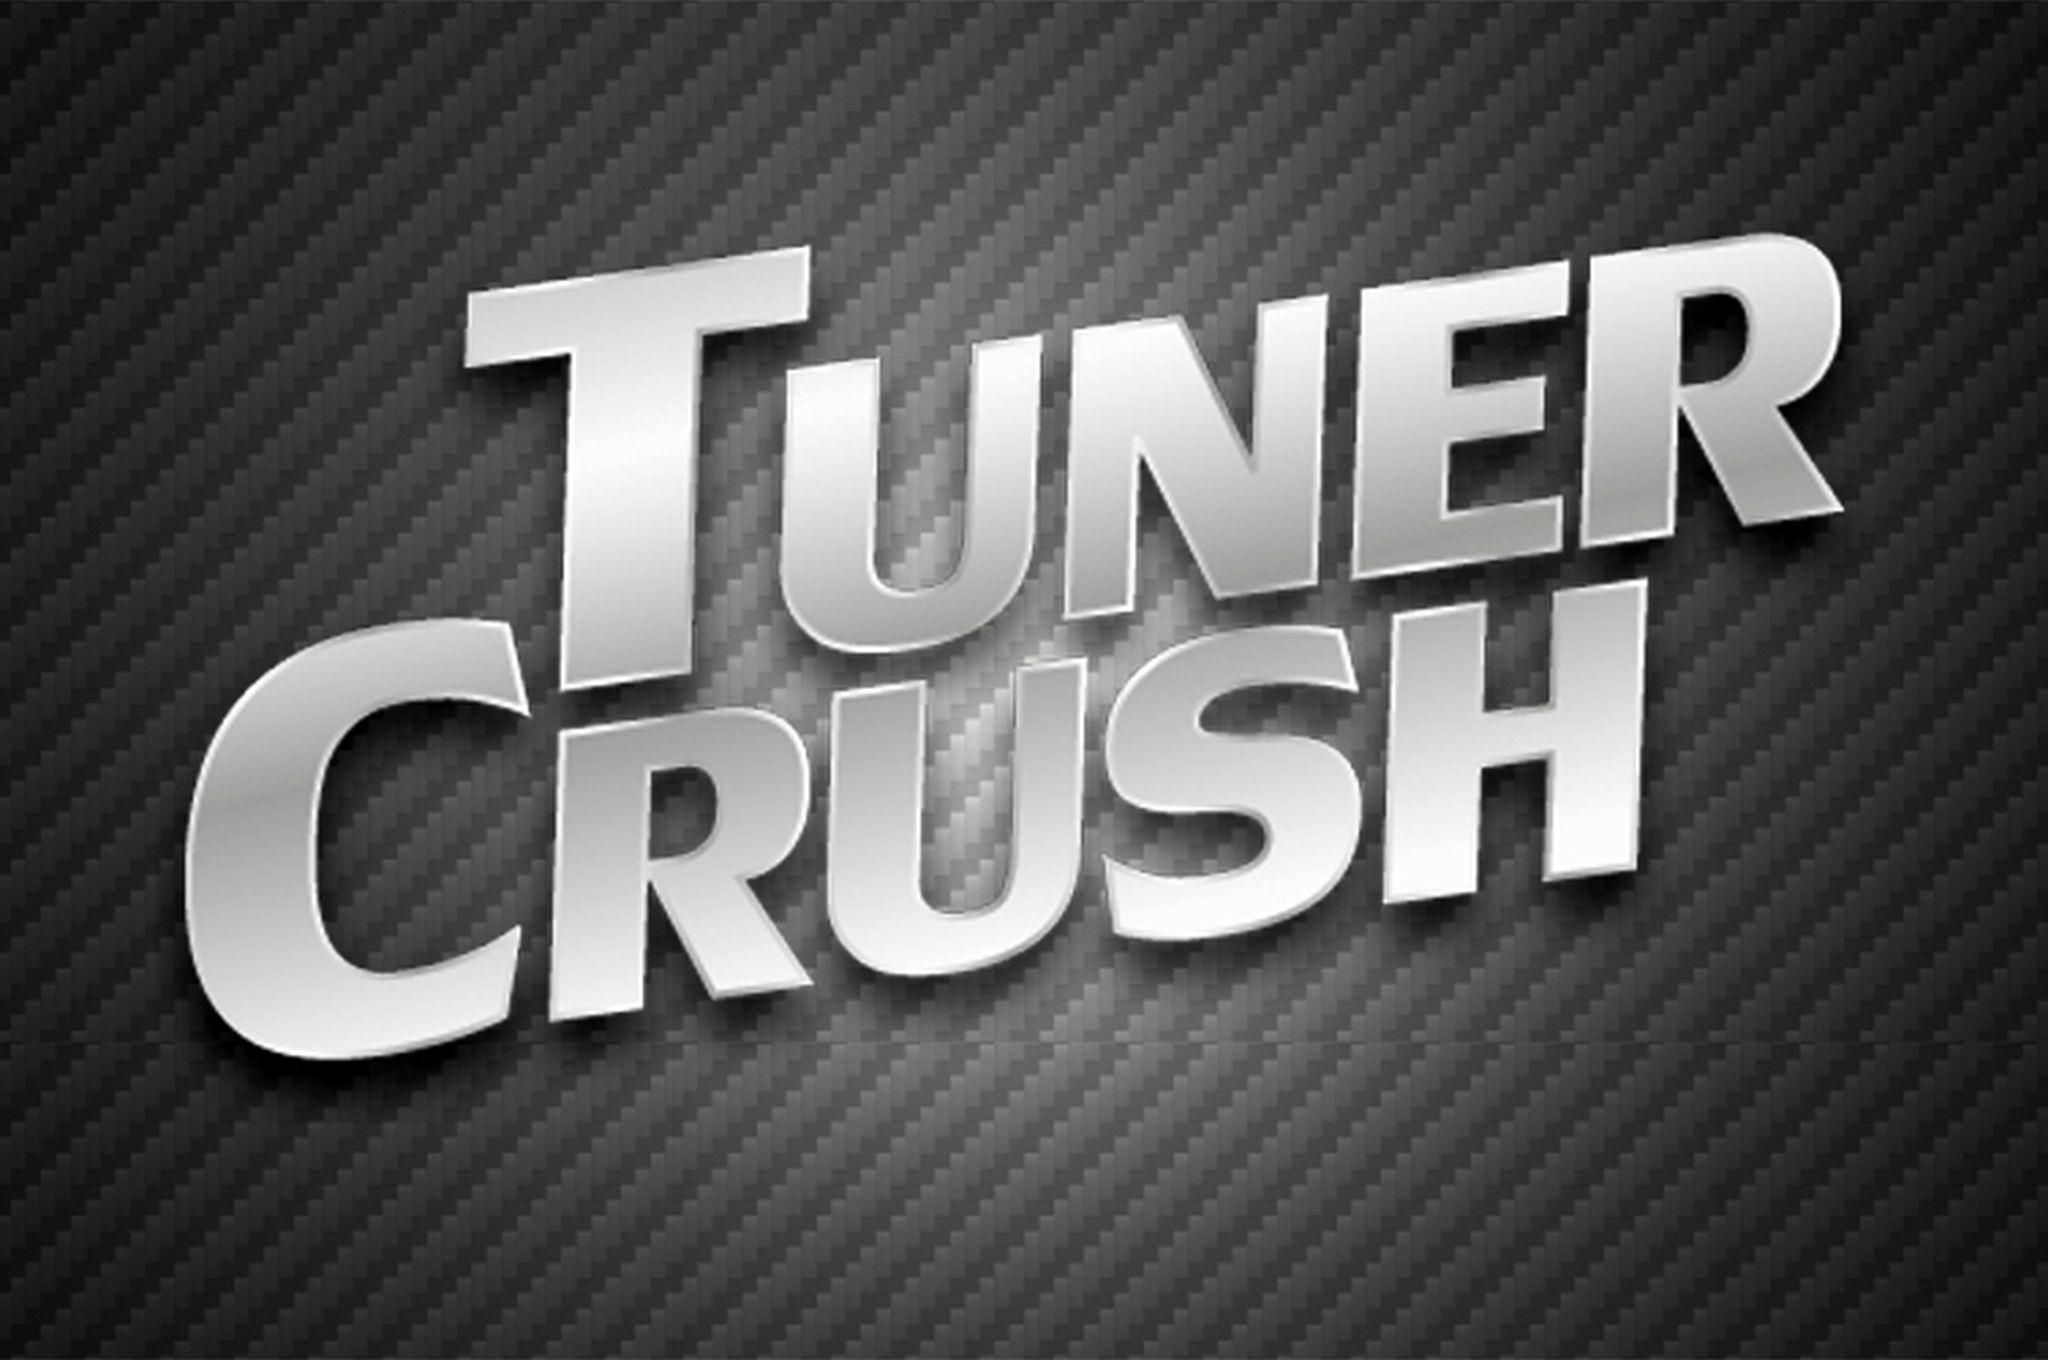 Tuner Crush